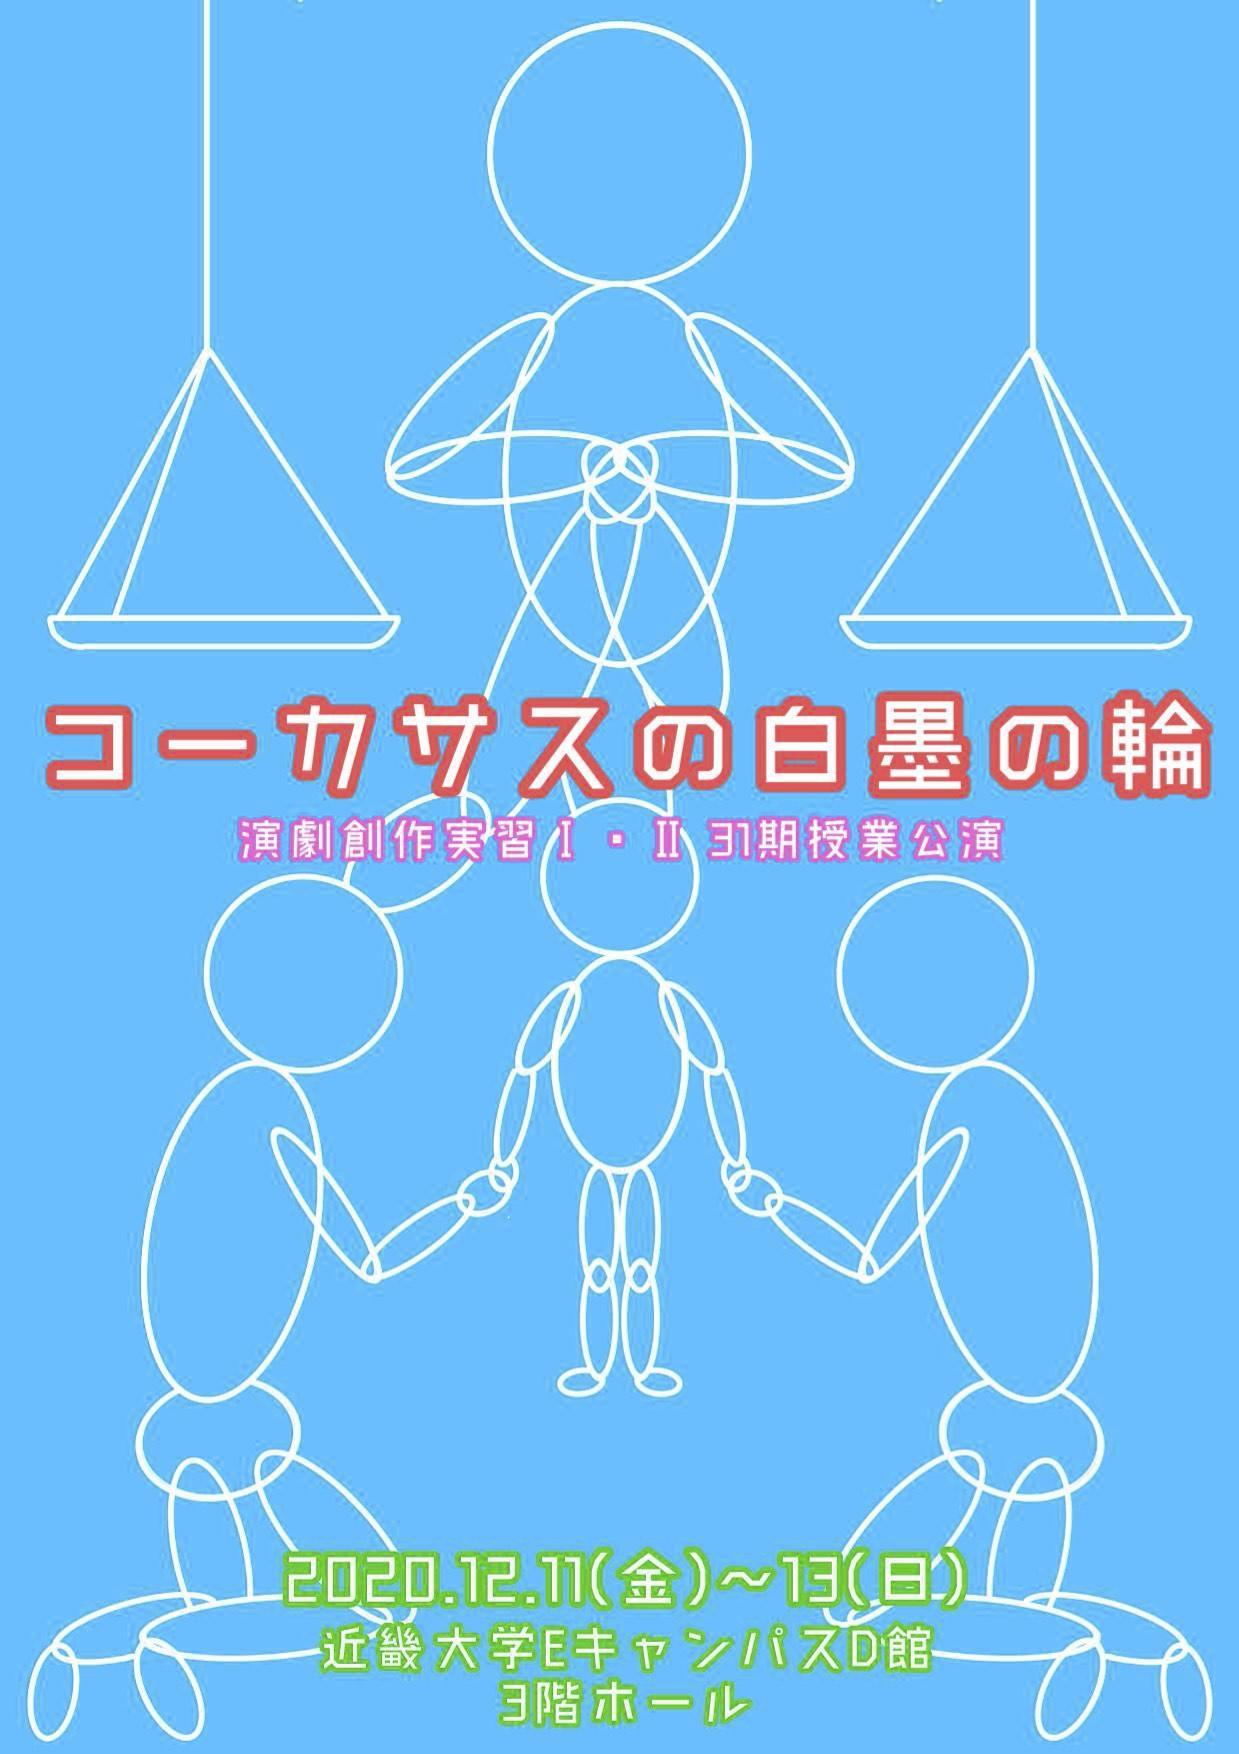 31期盛組公演チラシ01.jpg